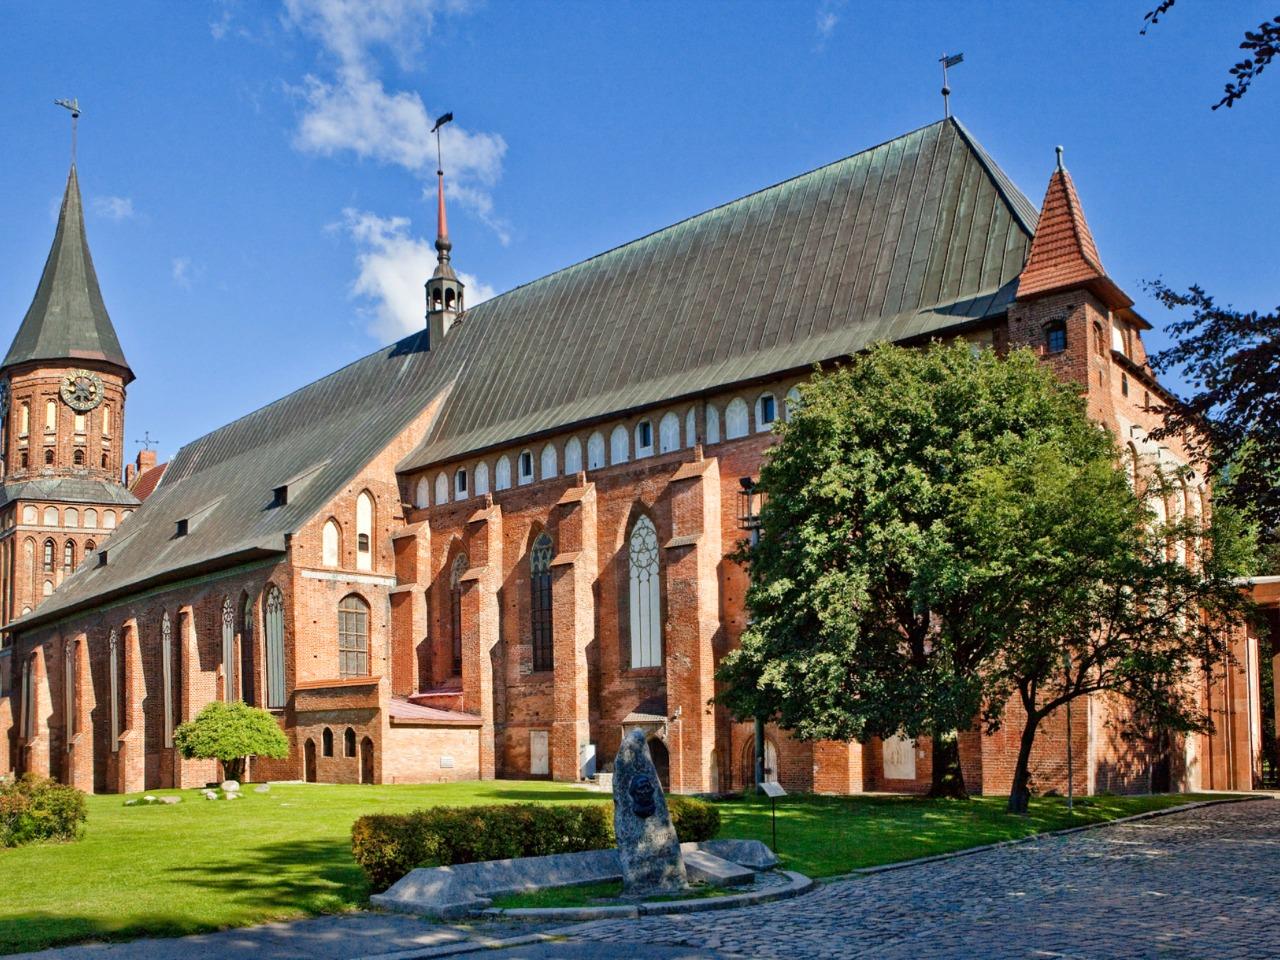 Город Калининград во всей красе! - индивидуальная экскурсия в Калининграде от опытного гида